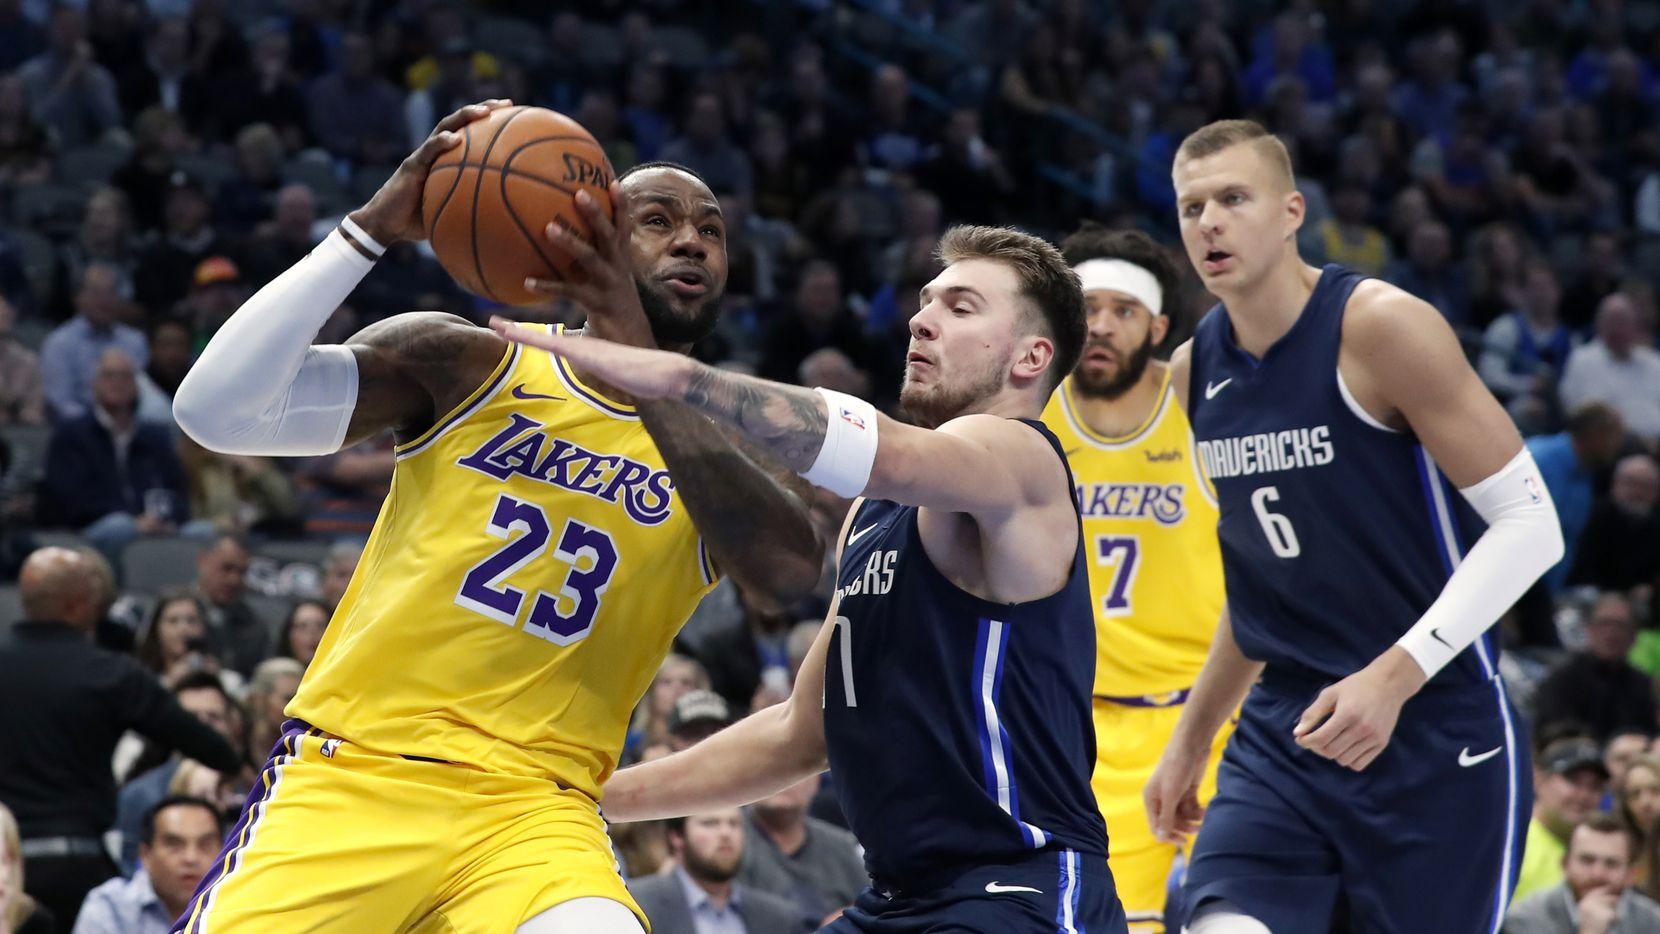 Núcleos jóvenes de la NBA